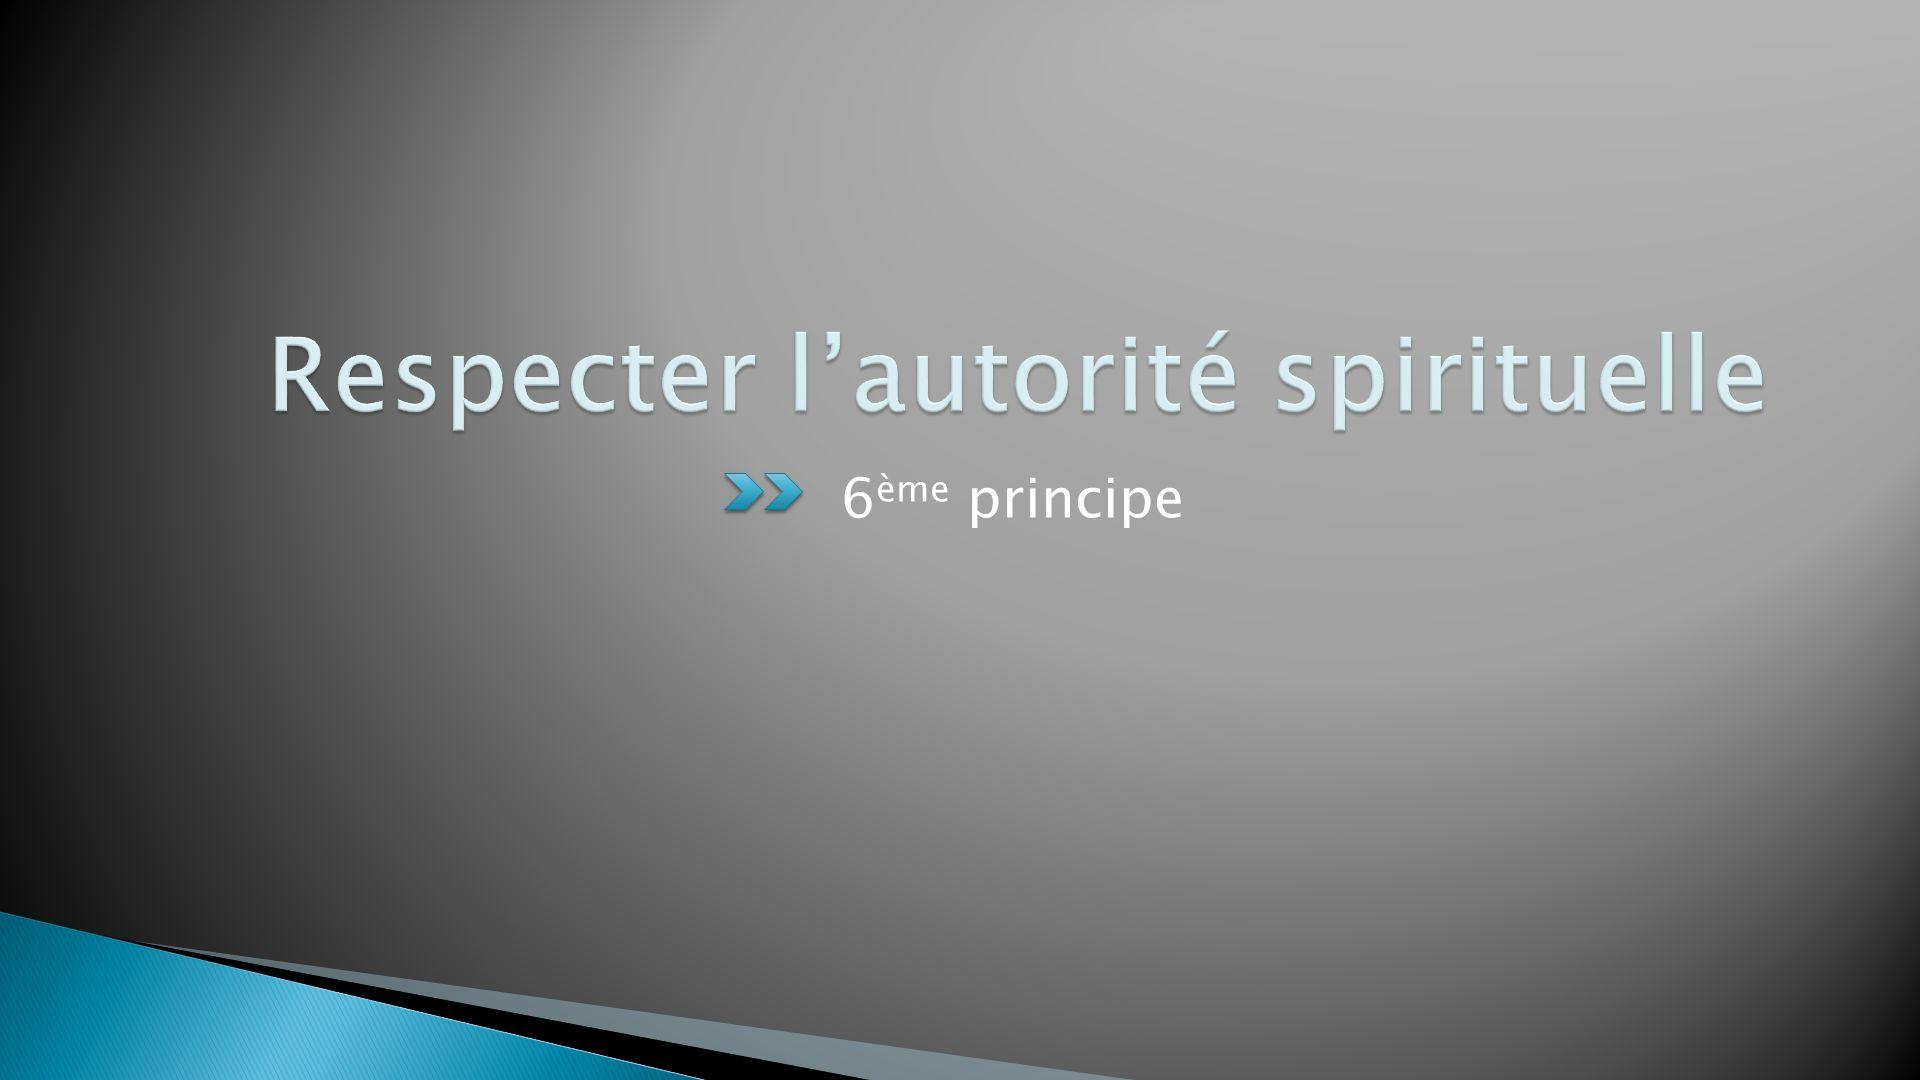 Respecter l'autorité spirituelle